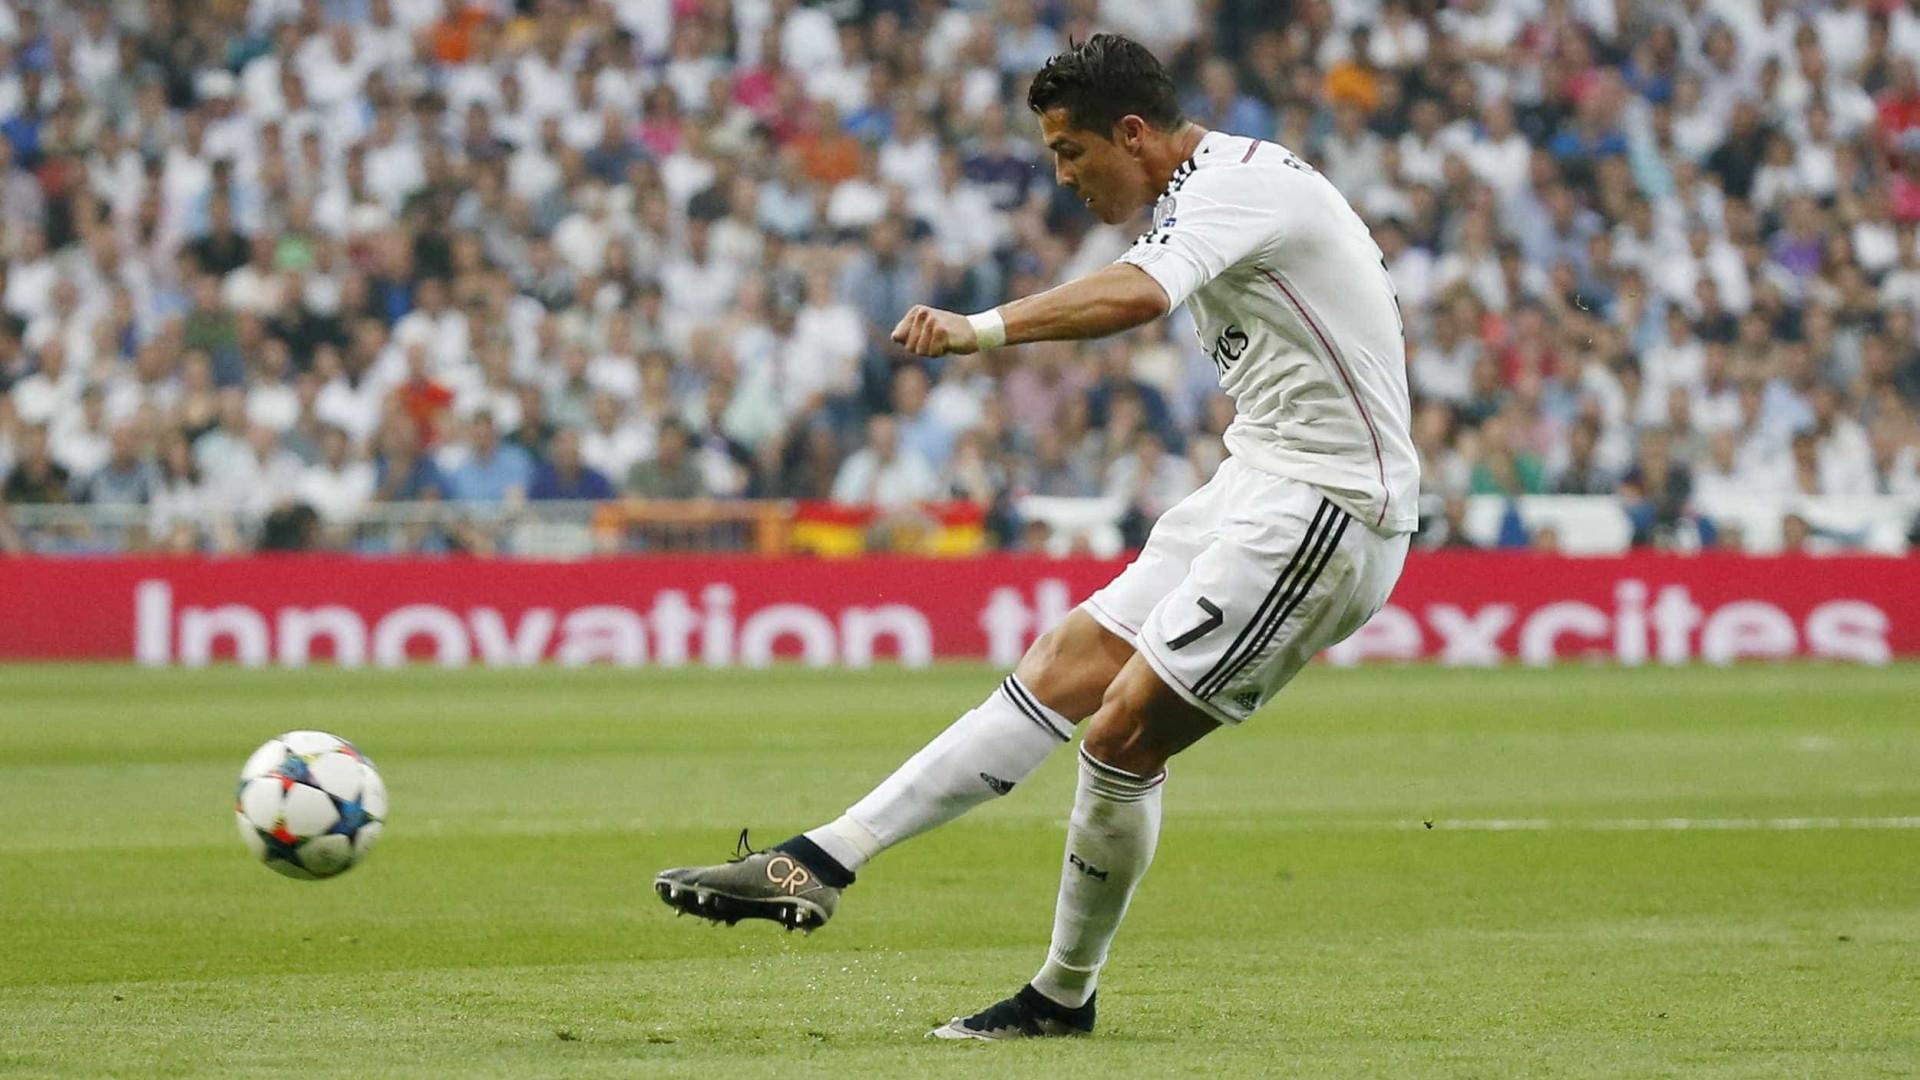 Ronaldo revela ter recebido dicas para marcar livres de... Keylor Navas fcfbdefbbf466